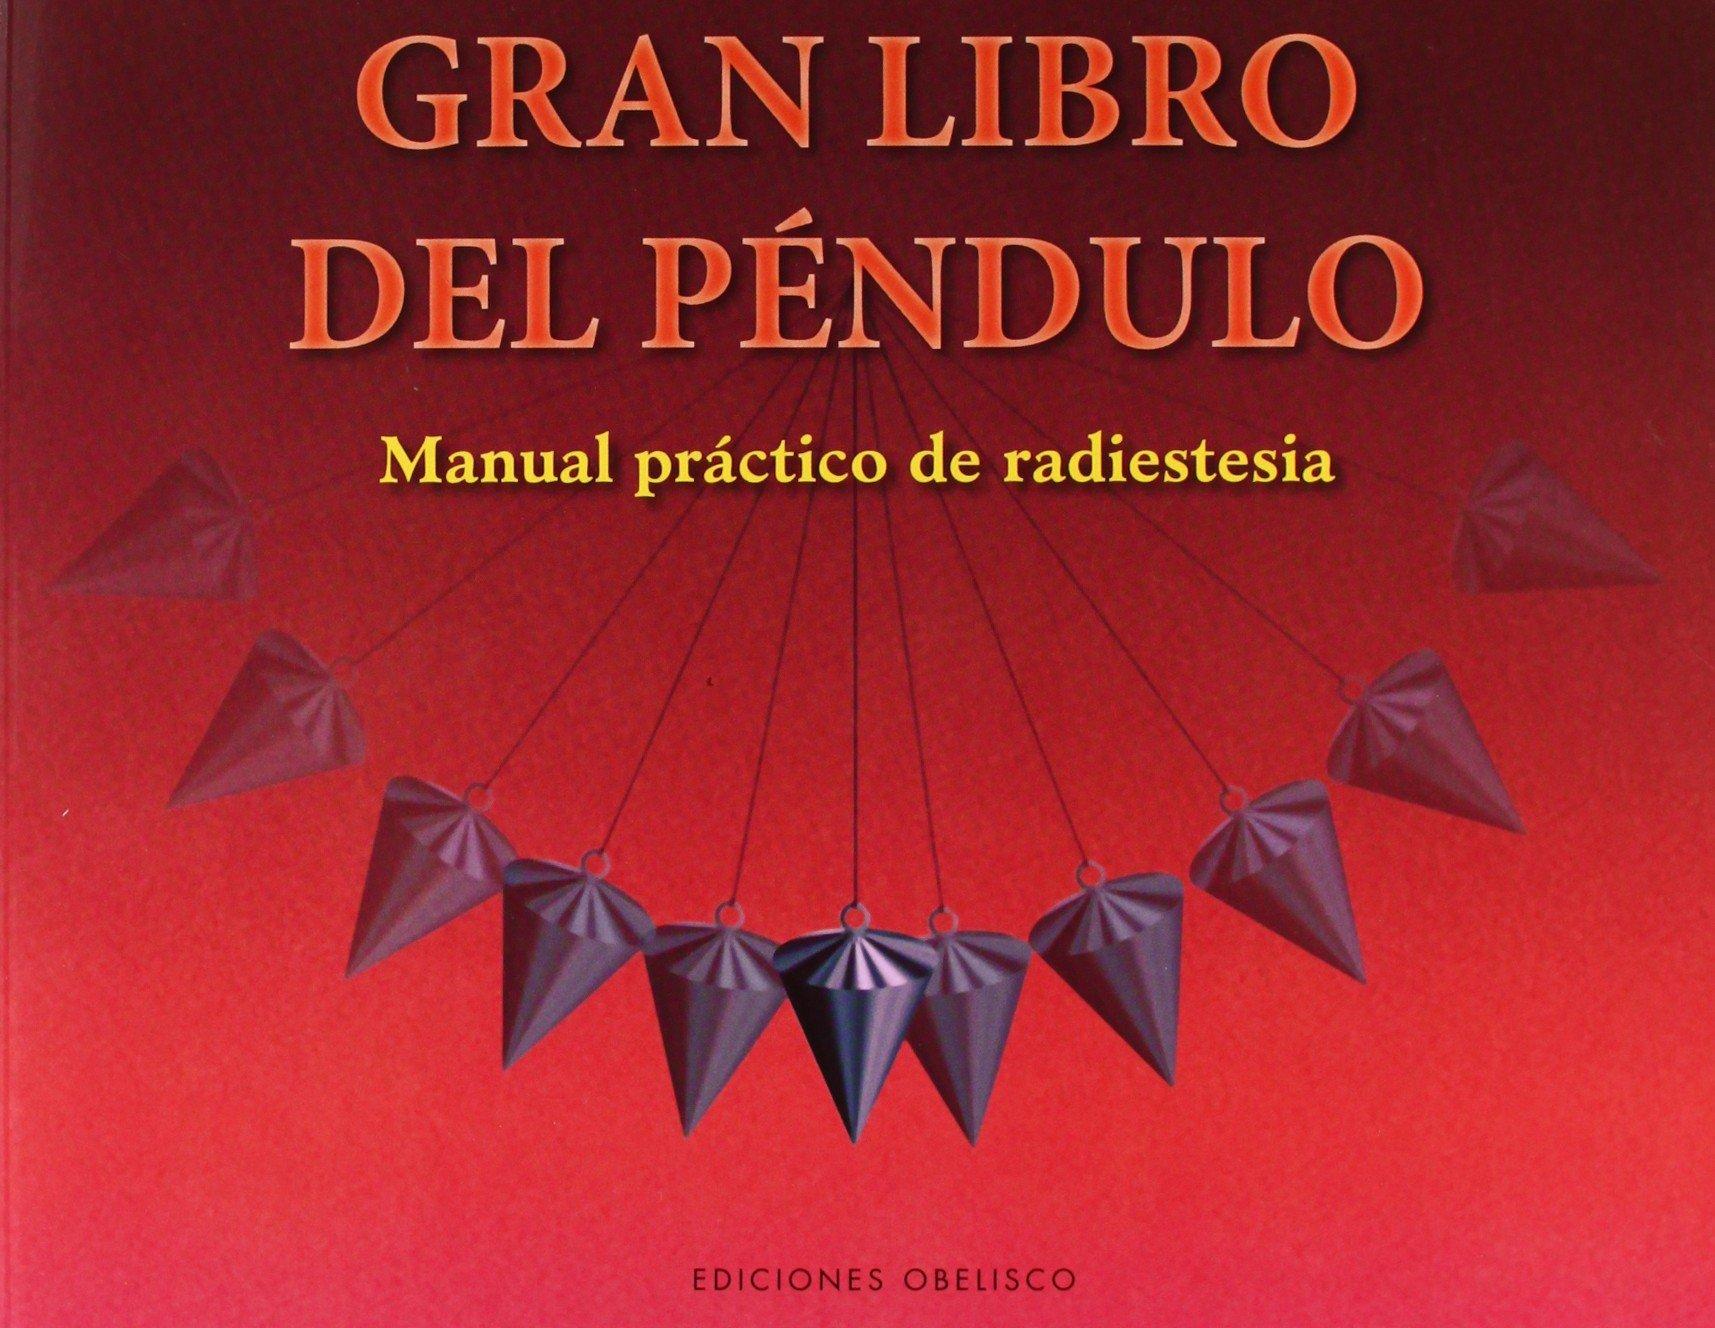 El gran libro del péndulo: Manual práctico de radiestesia Feng shui y radiestesia: Amazon.es: Aa.Vv.: Libros